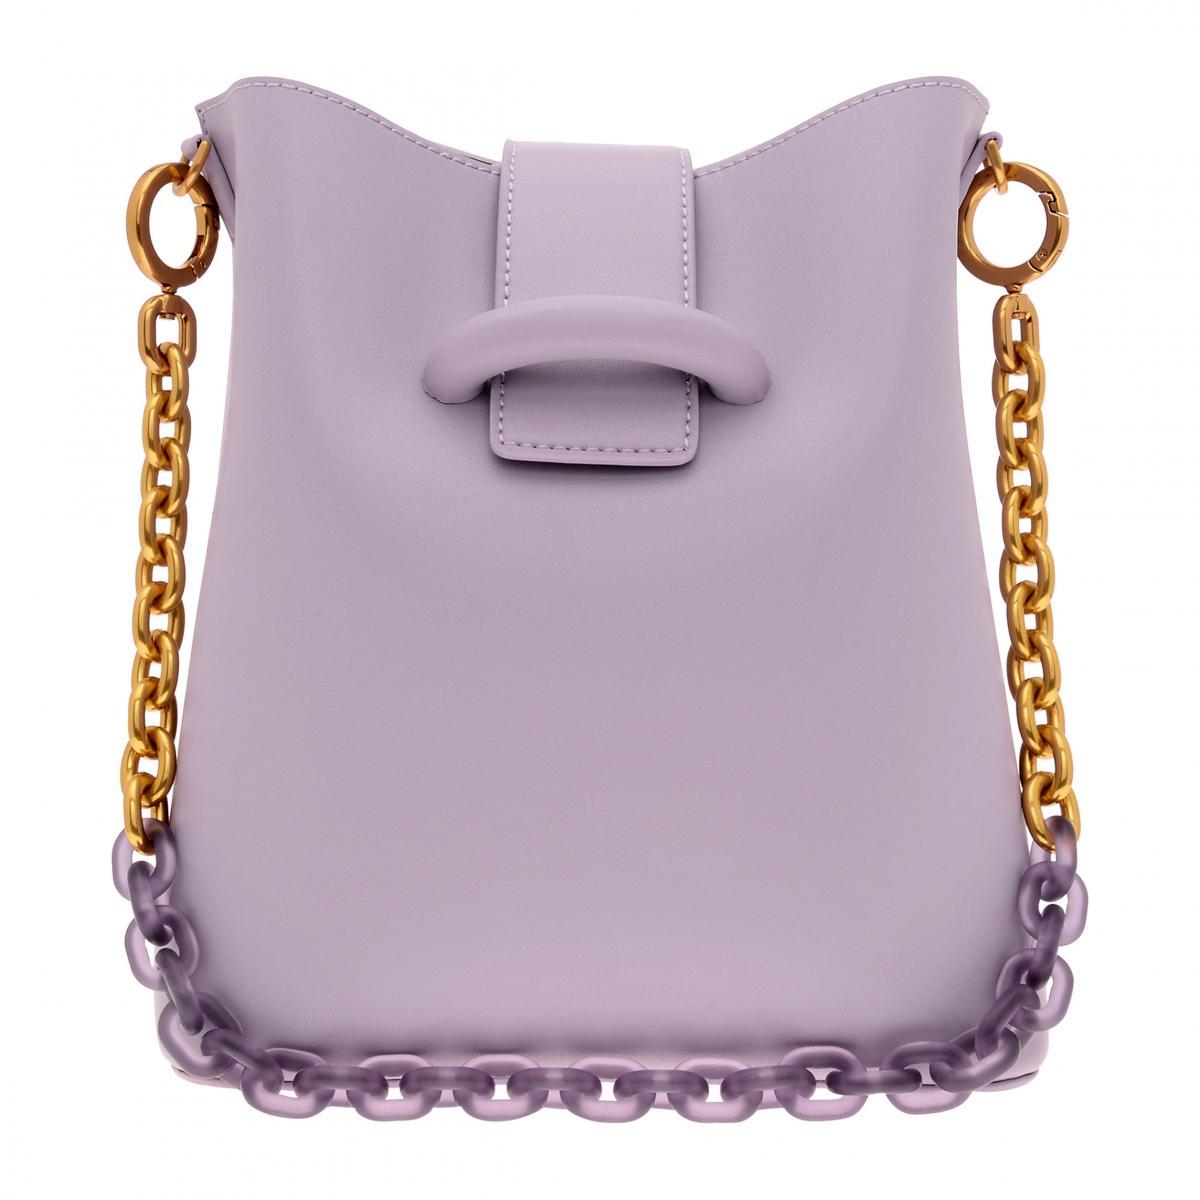 Charles & Keith包包紫色系推薦Top 6!水桶包 、小方包 、幾何翻蓋半圓包...全部3000元有找!-1